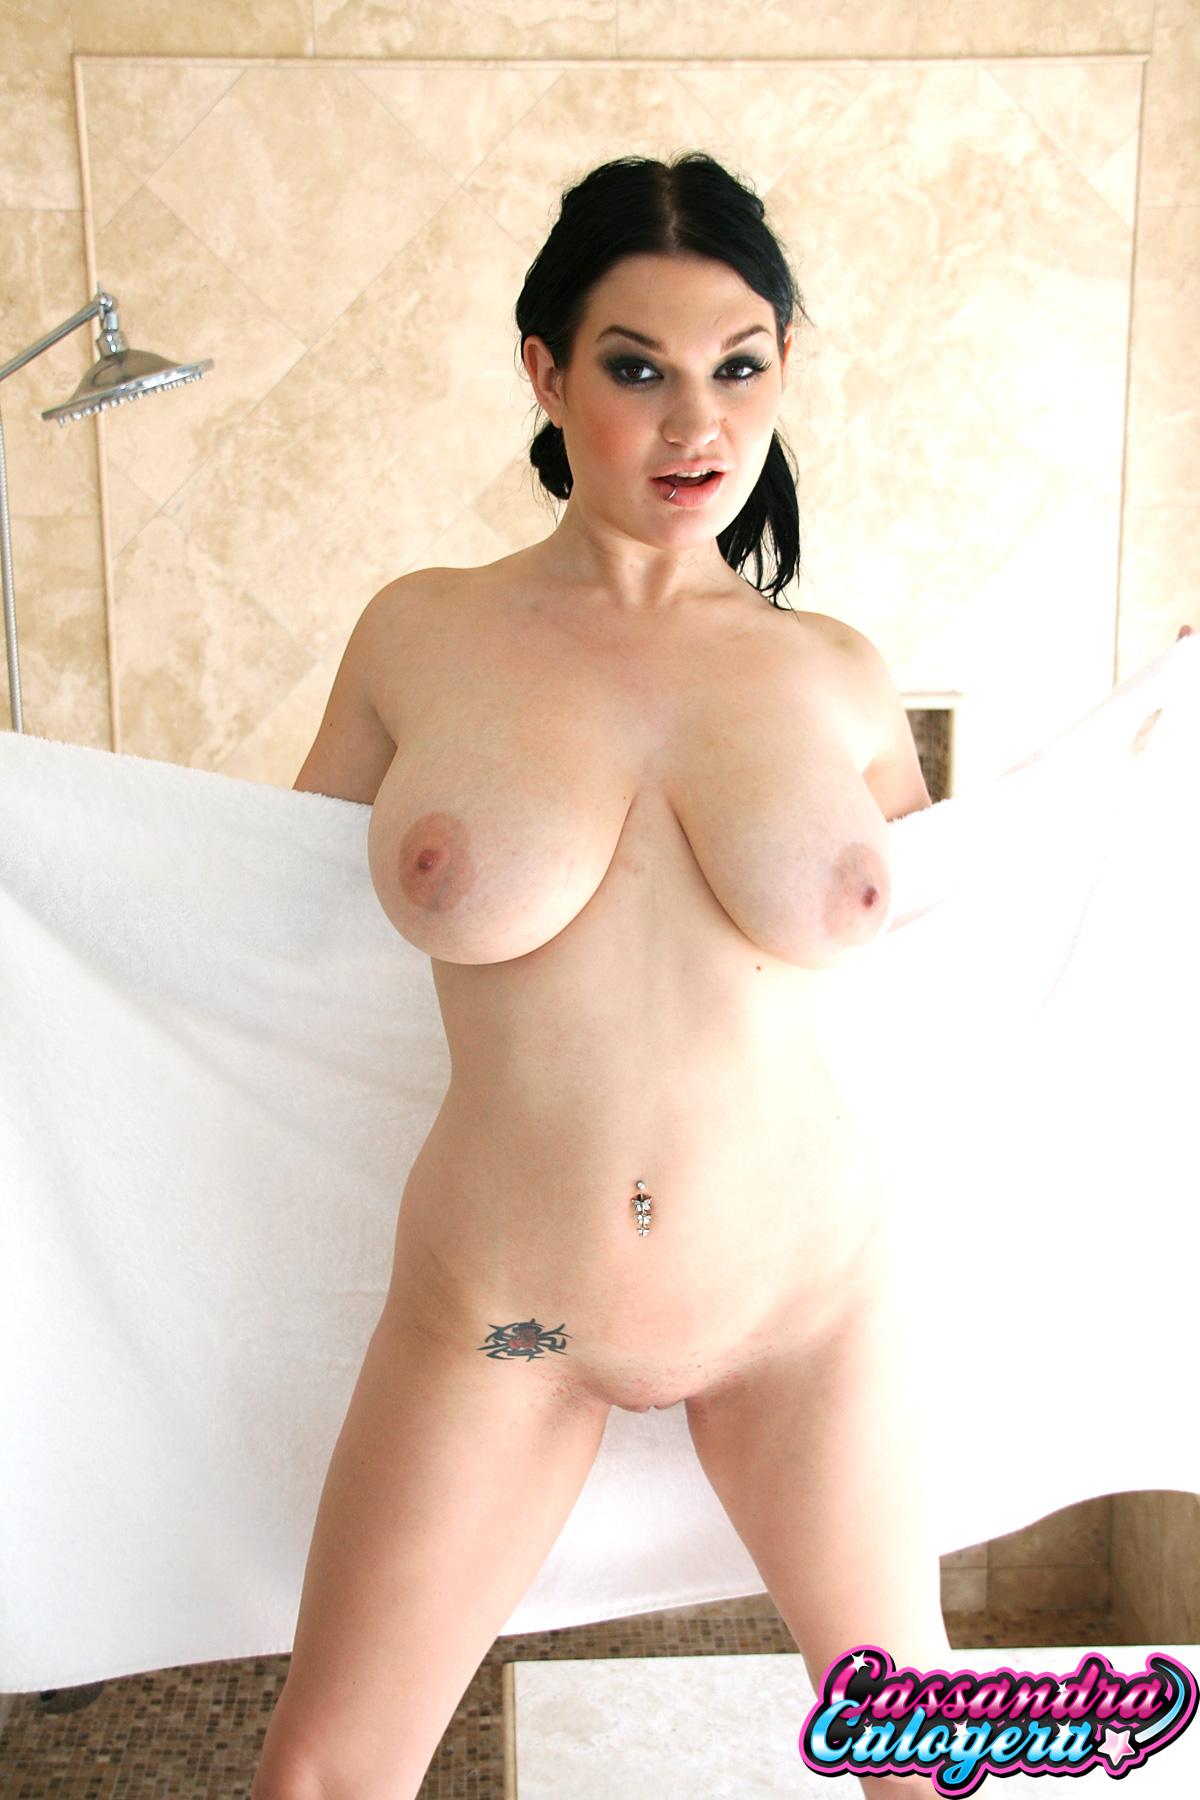 Midget pussy thumbs